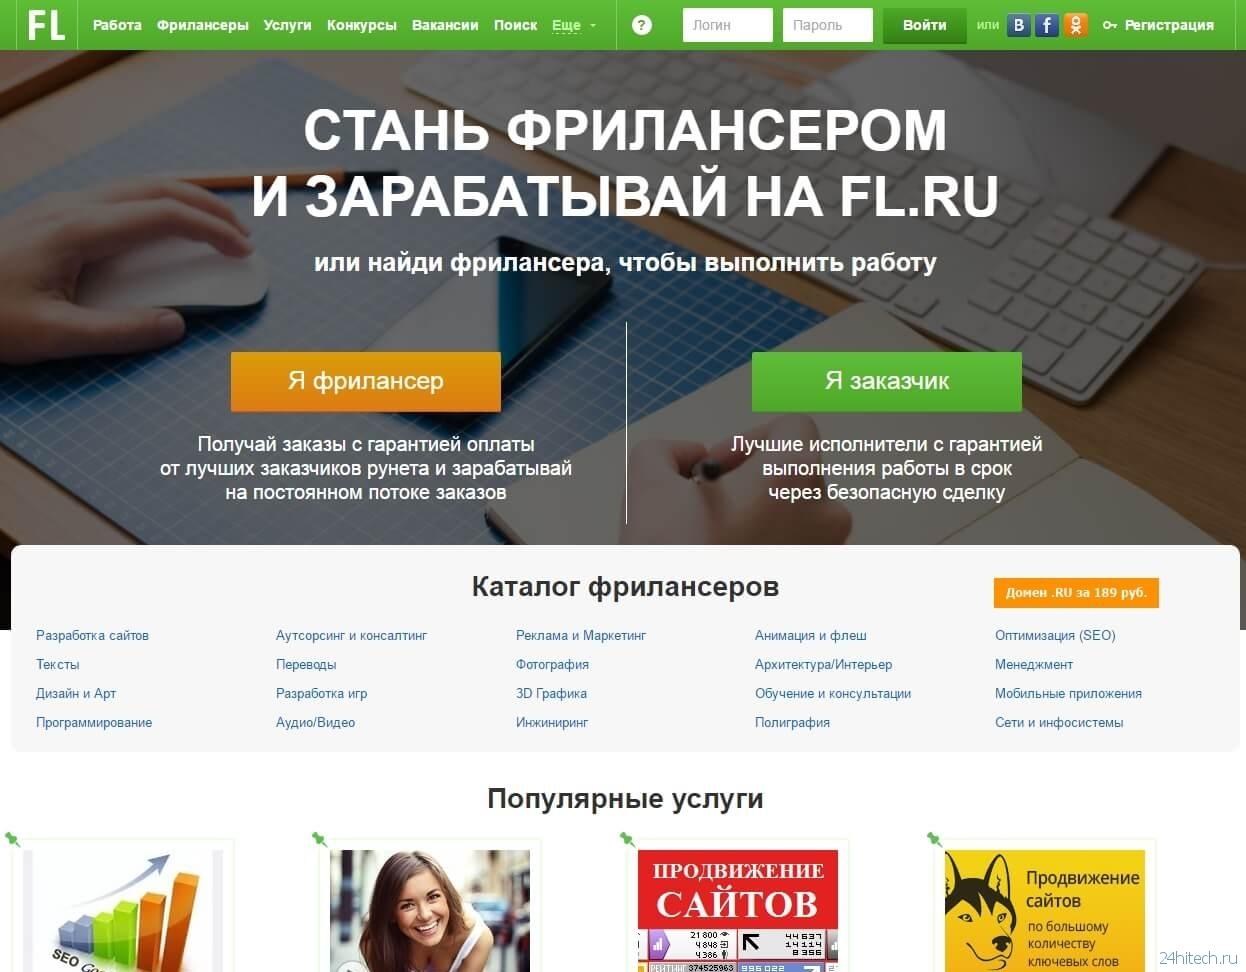 Сайты для фрилансеров ищу работу проектировщиком удаленно